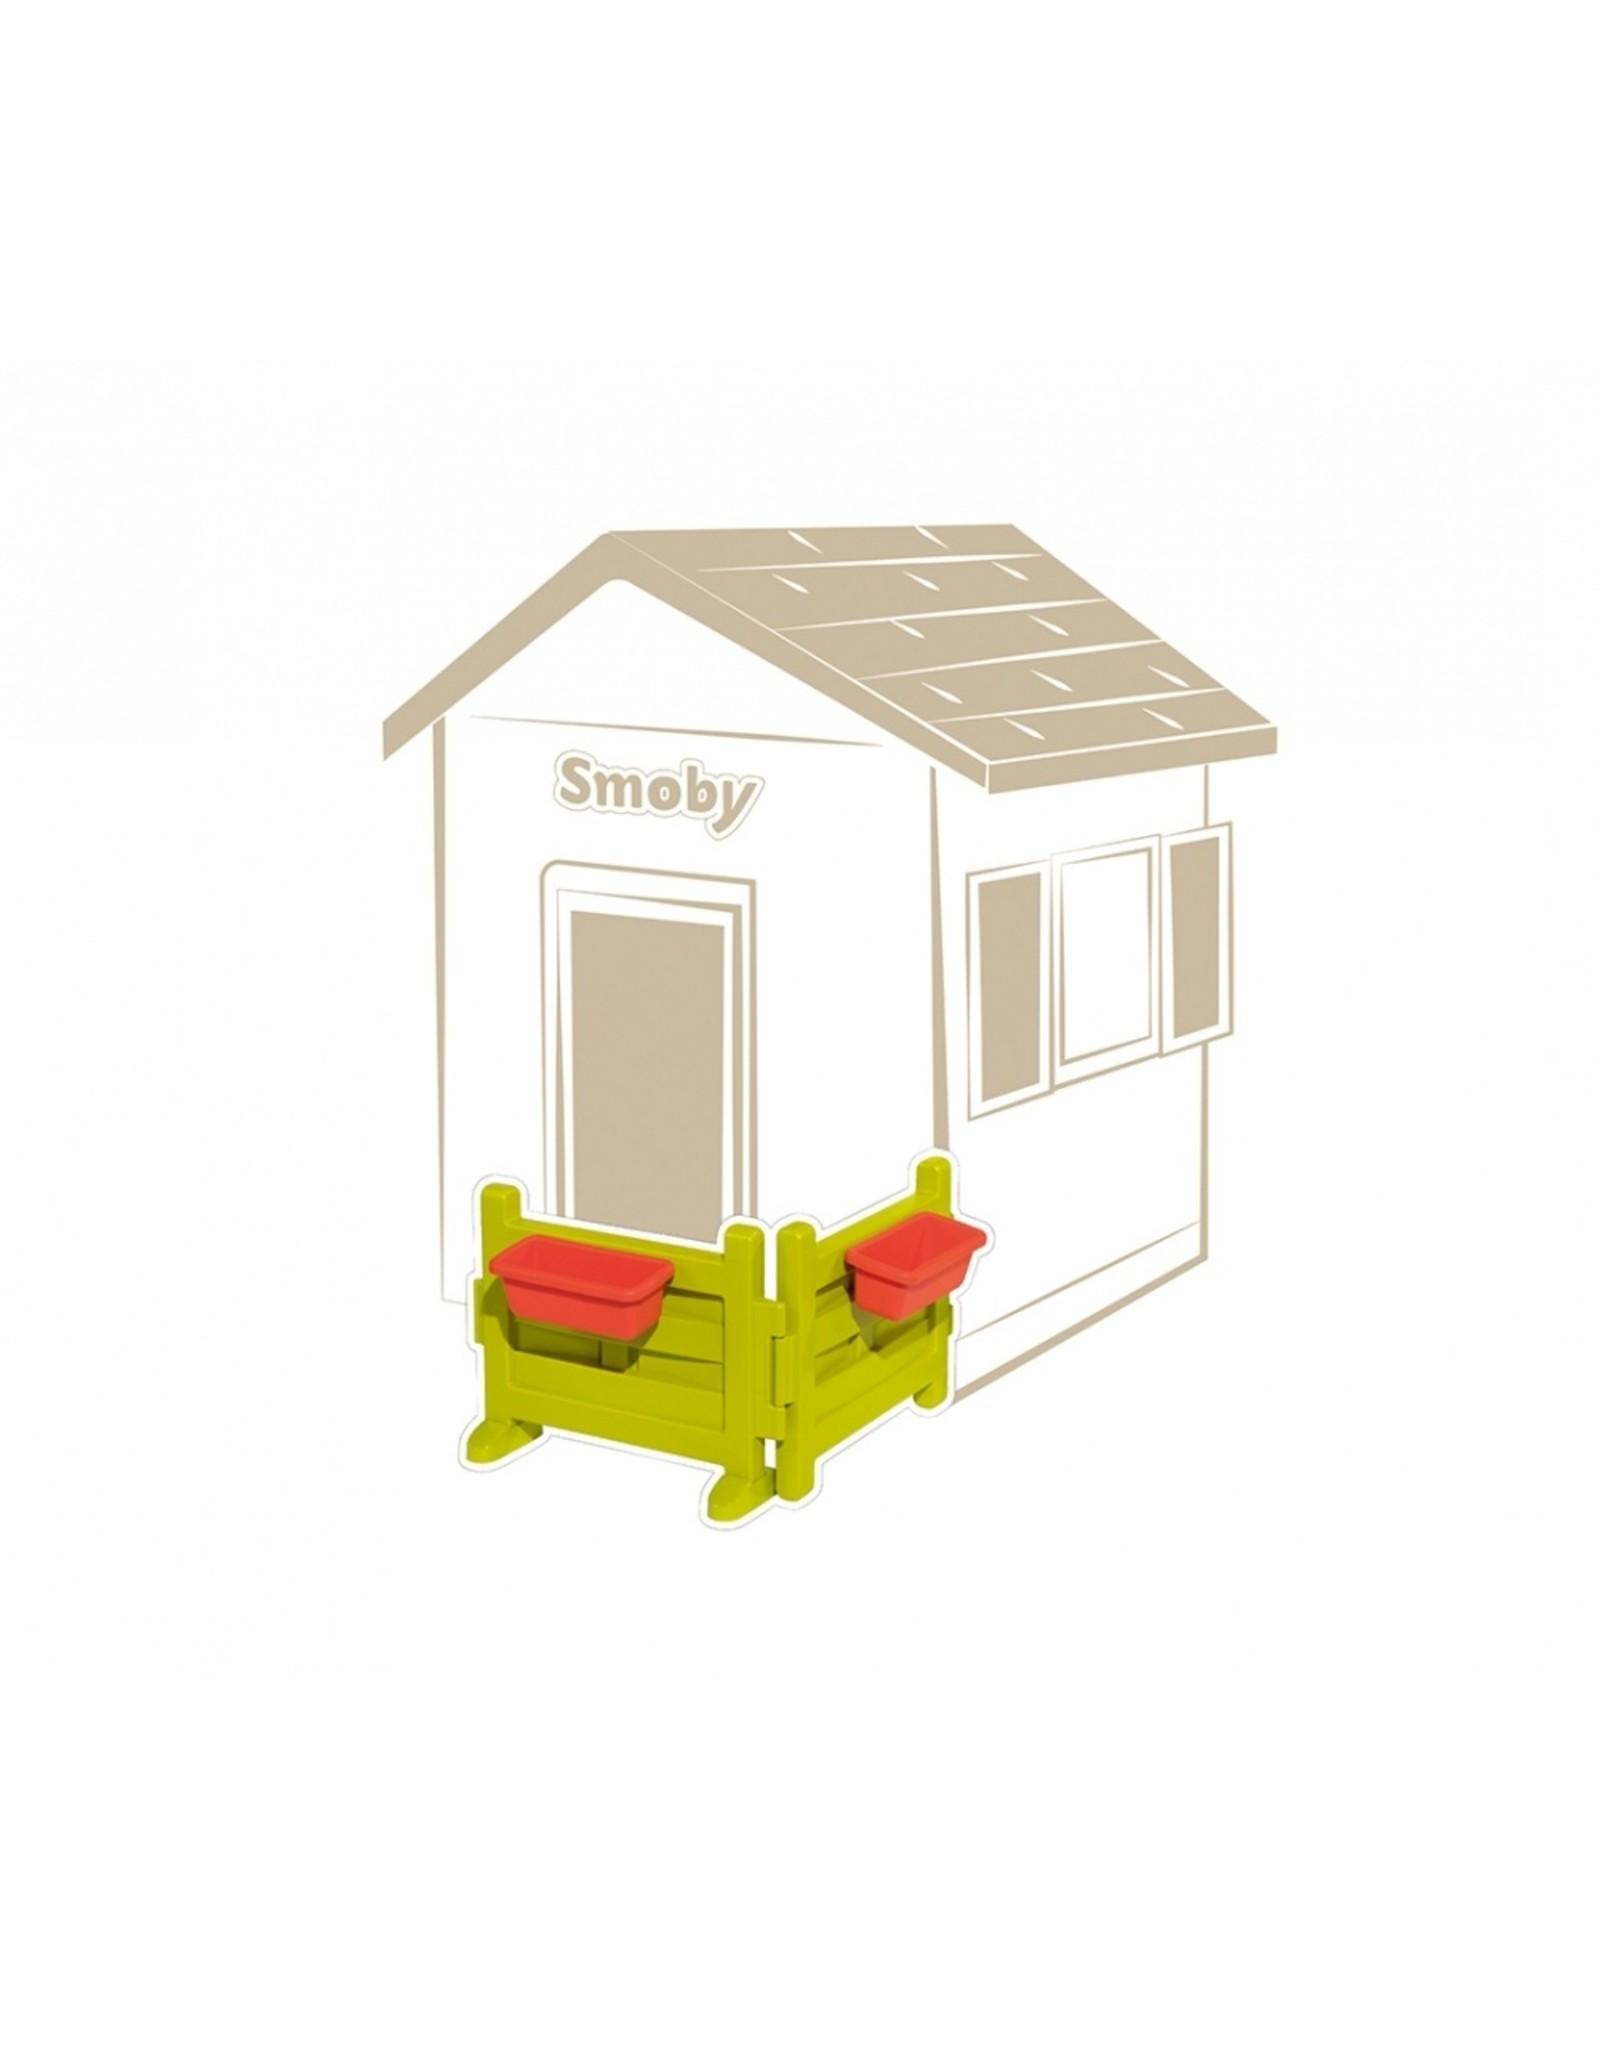 Smoby SMOBY Garden Area 810904